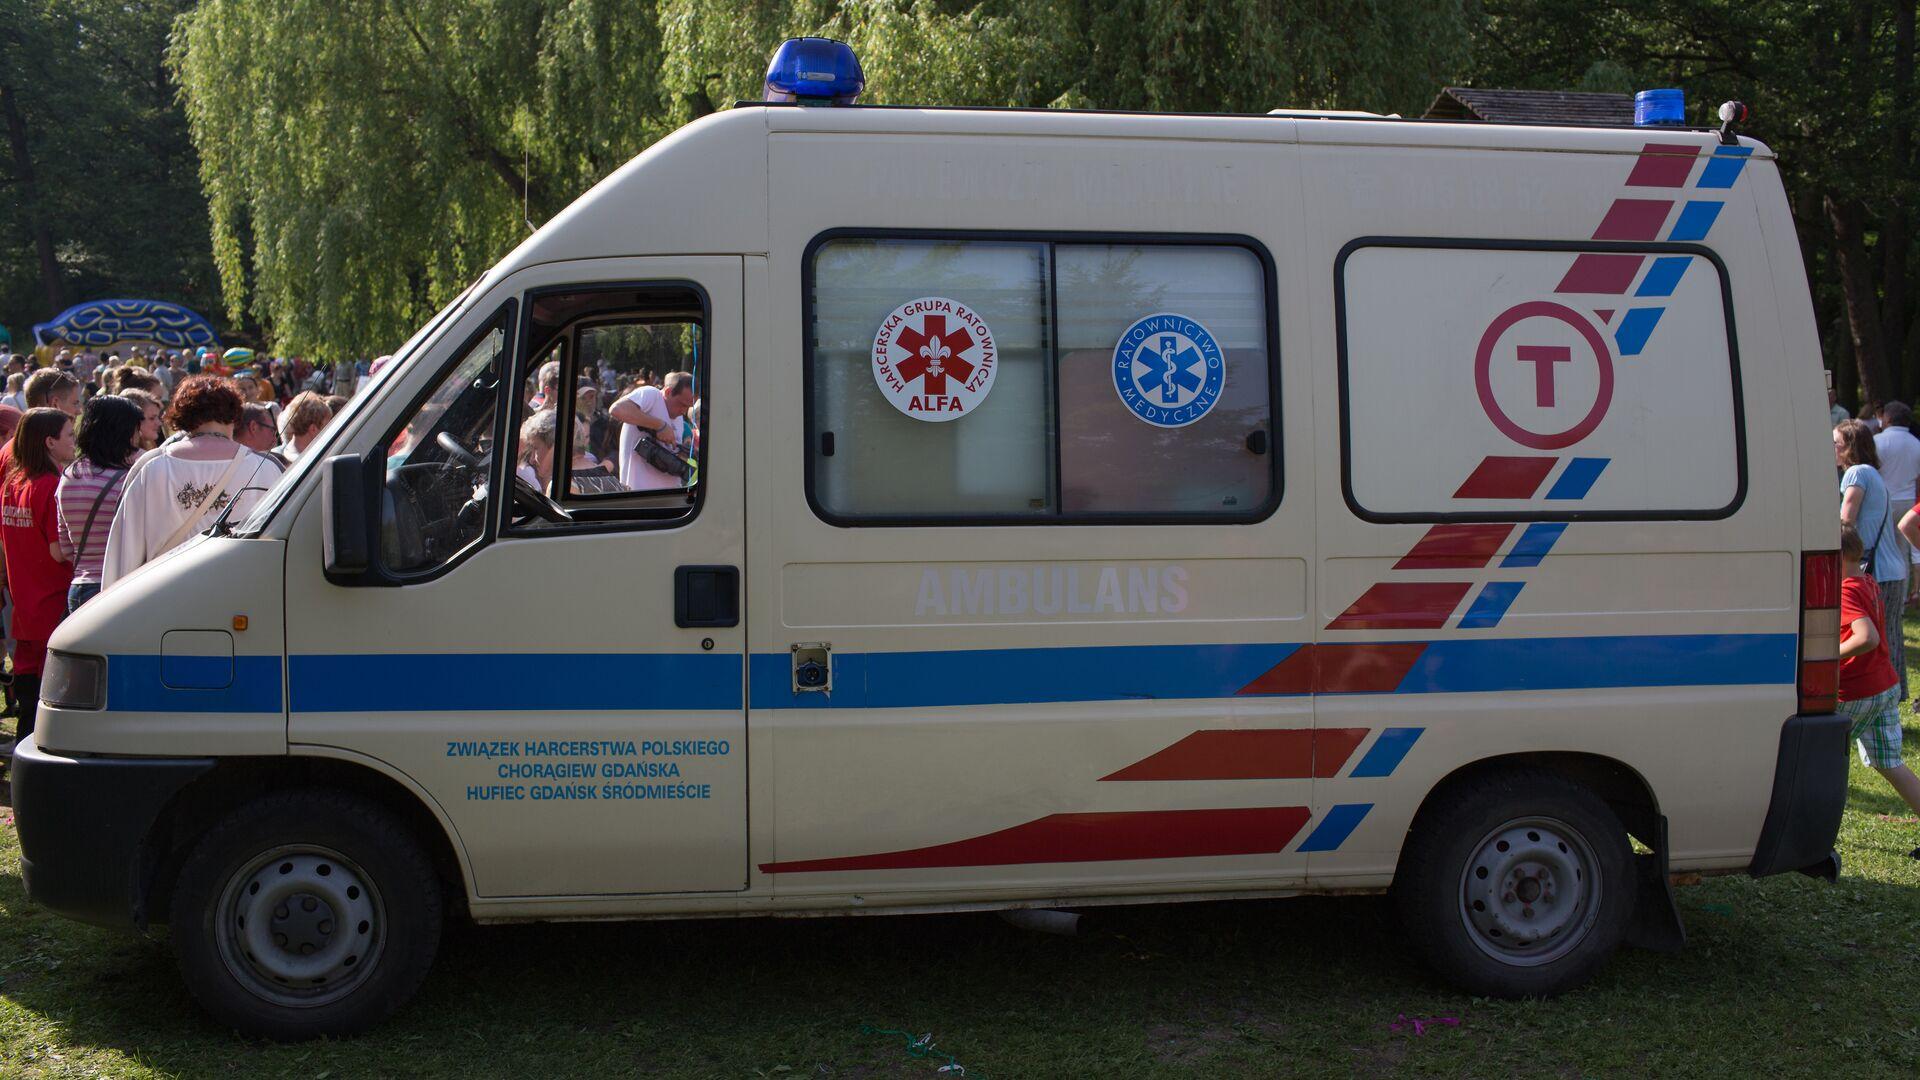 Машина скорой помощи в Польше - РИА Новости, 1920, 24.07.2021